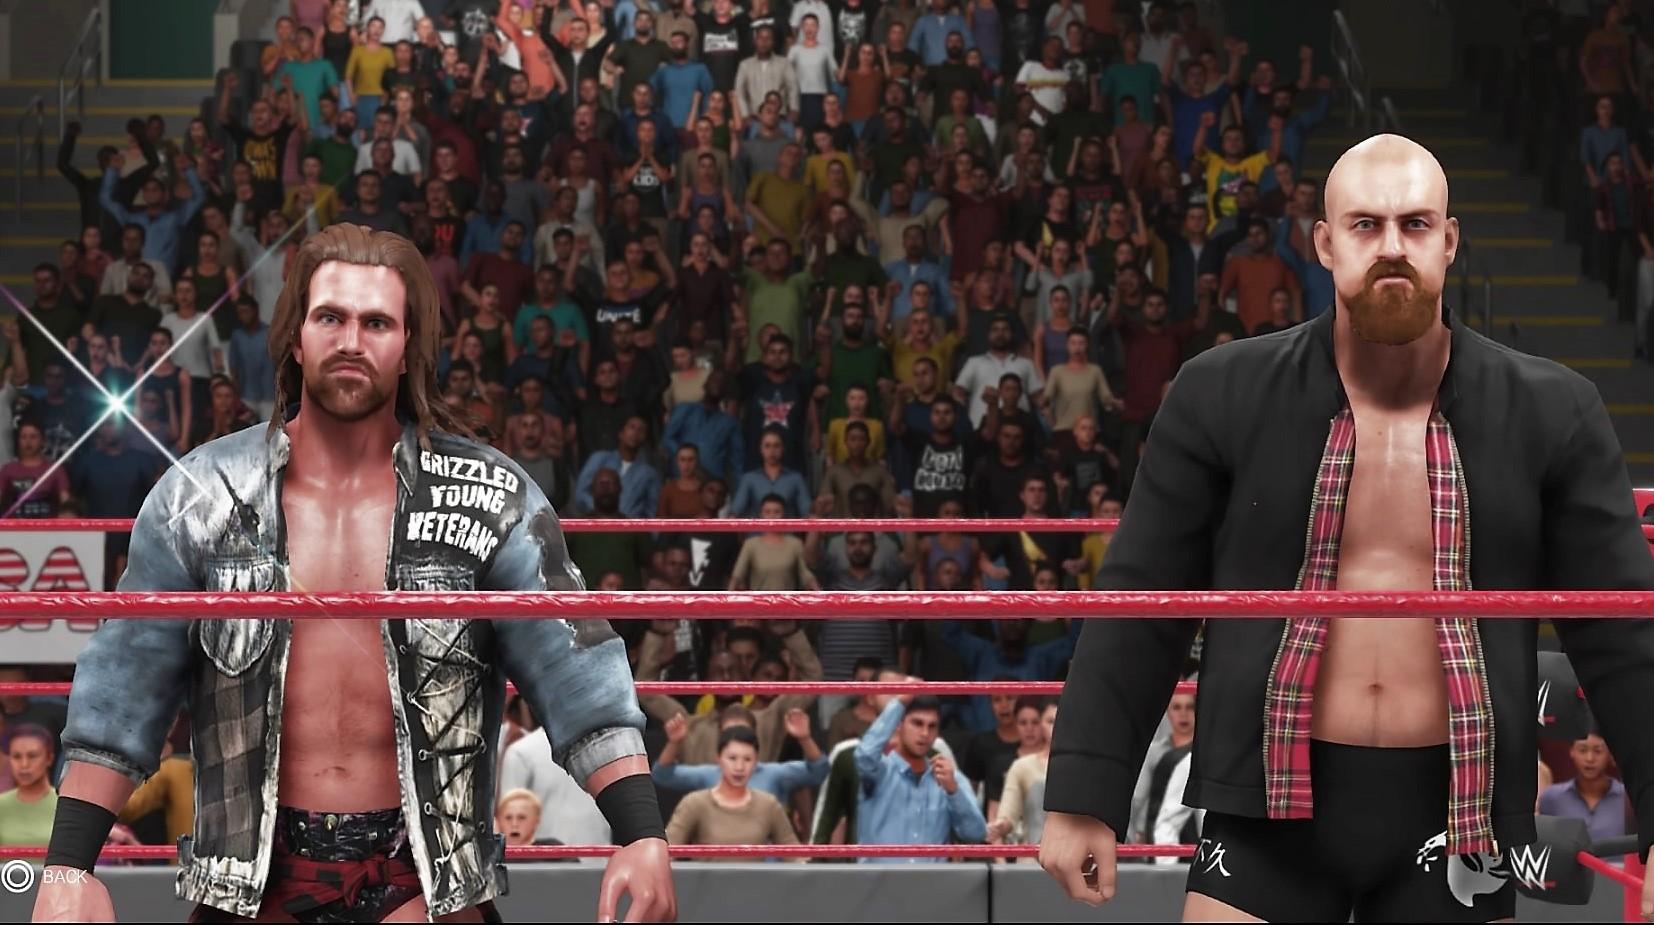 WWE_2K19_20181223204804.jpg